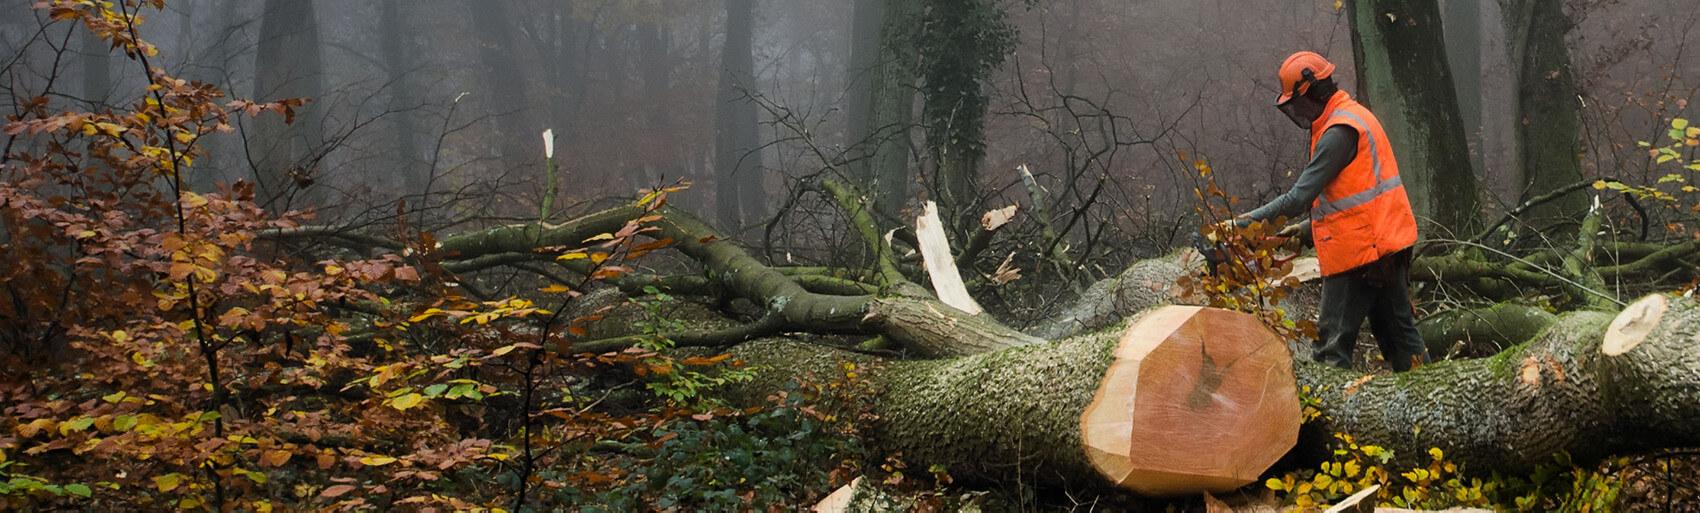 Notre coop – (à traduire) Coopérative forestière Ferland-Boilleau